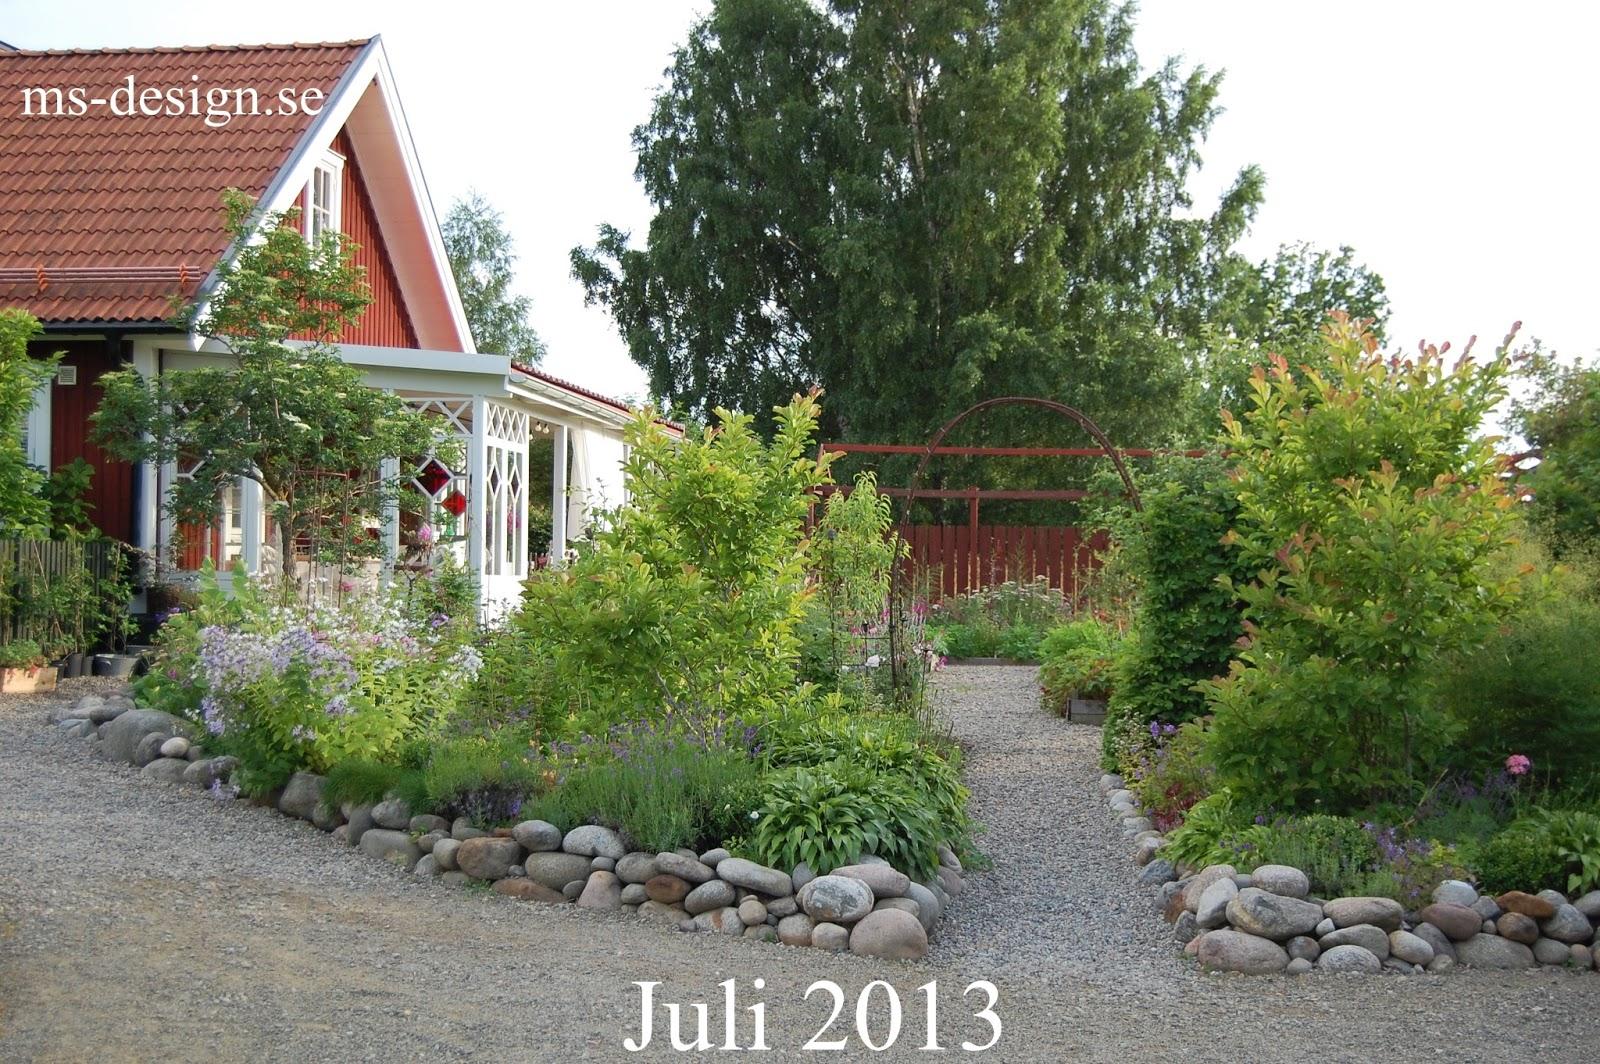 M/S DESIGN Trädgård och Keramik: Månadsbilden